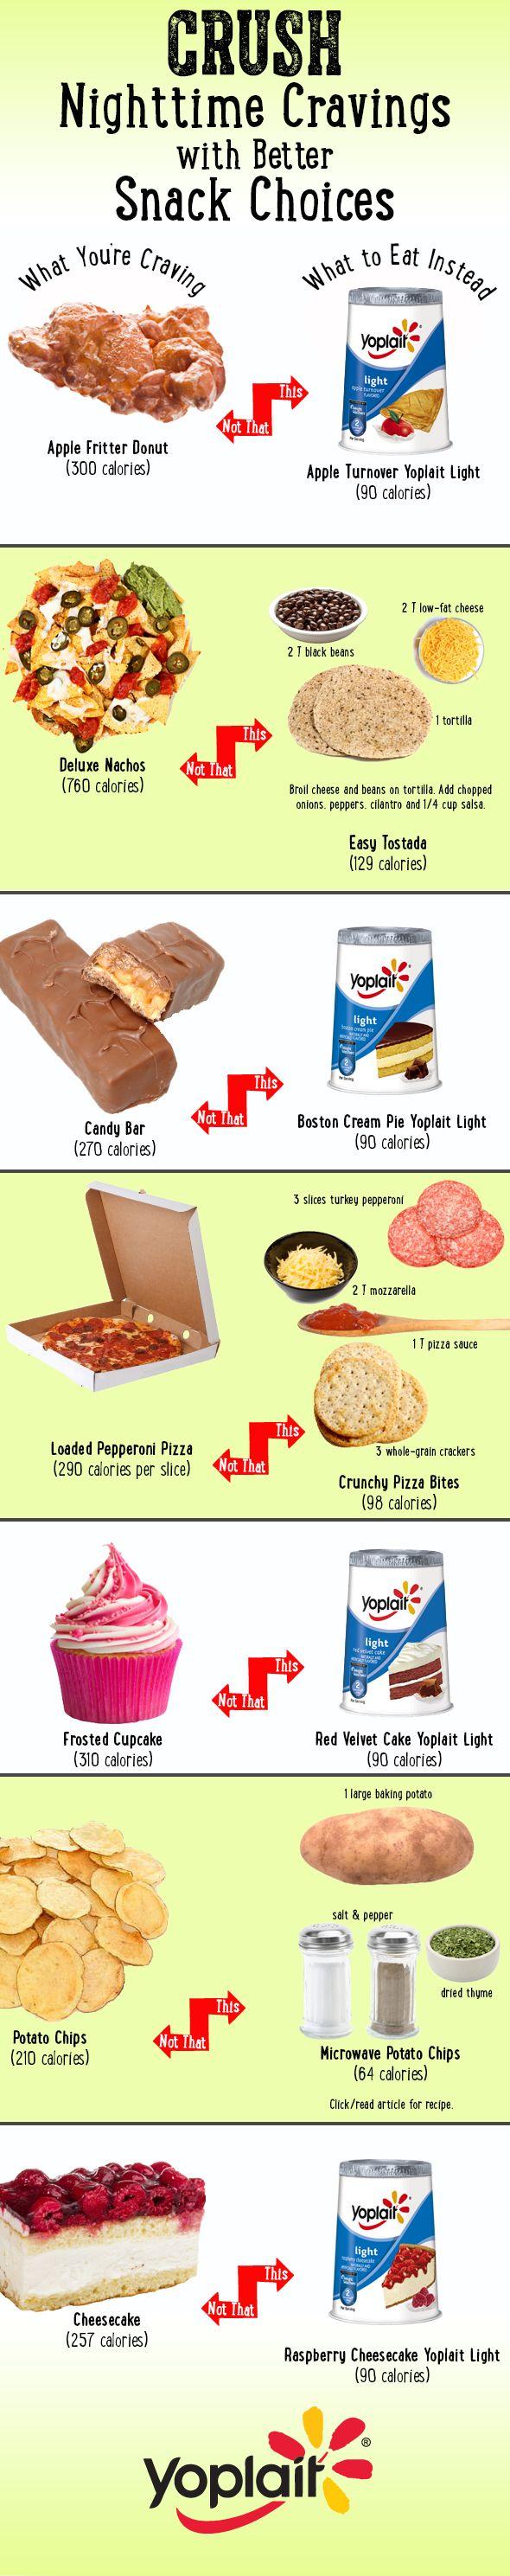 Smart Swaps for Your Biggest Nighttime Cravings | via @SparkPeople @Yoplait Yogurt Yogurt Yogurt Yogurt Yogurt Yogurt Yogurt Yogurt Yogurt Yogurt Yogurt Yogurt #snack #food #diet #sponsored